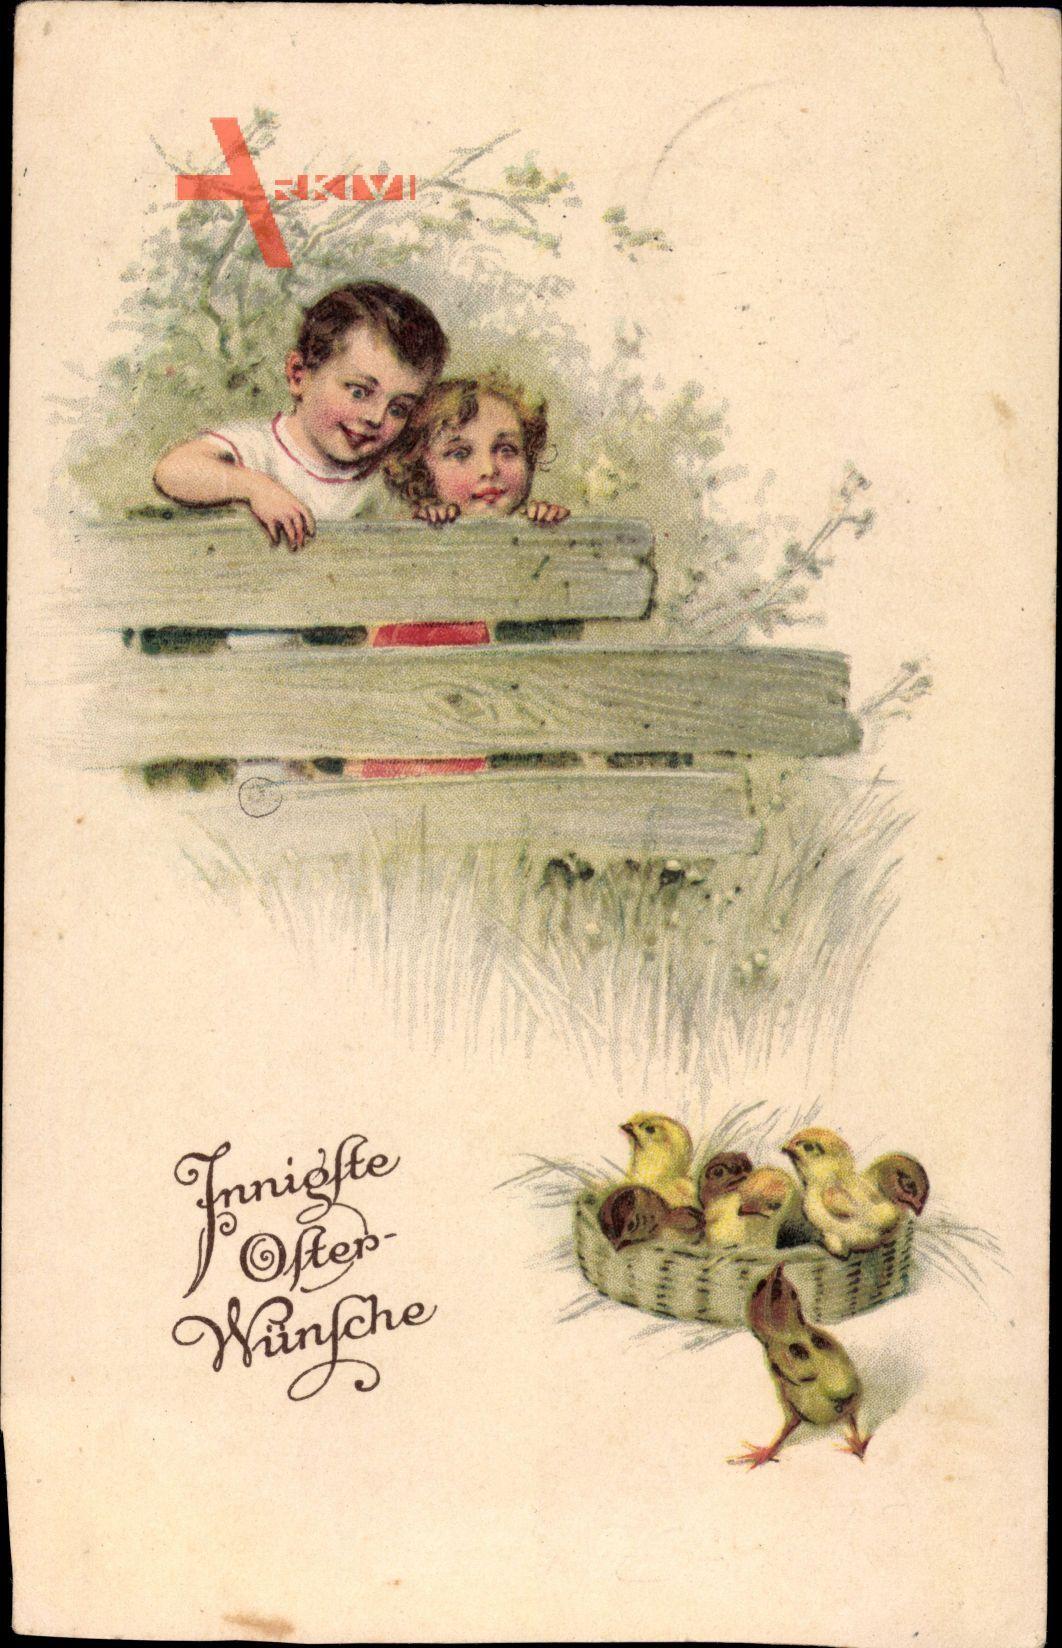 Glückwunsch Ostern, Küken in einem Strohkorb, Kinder am Zaun